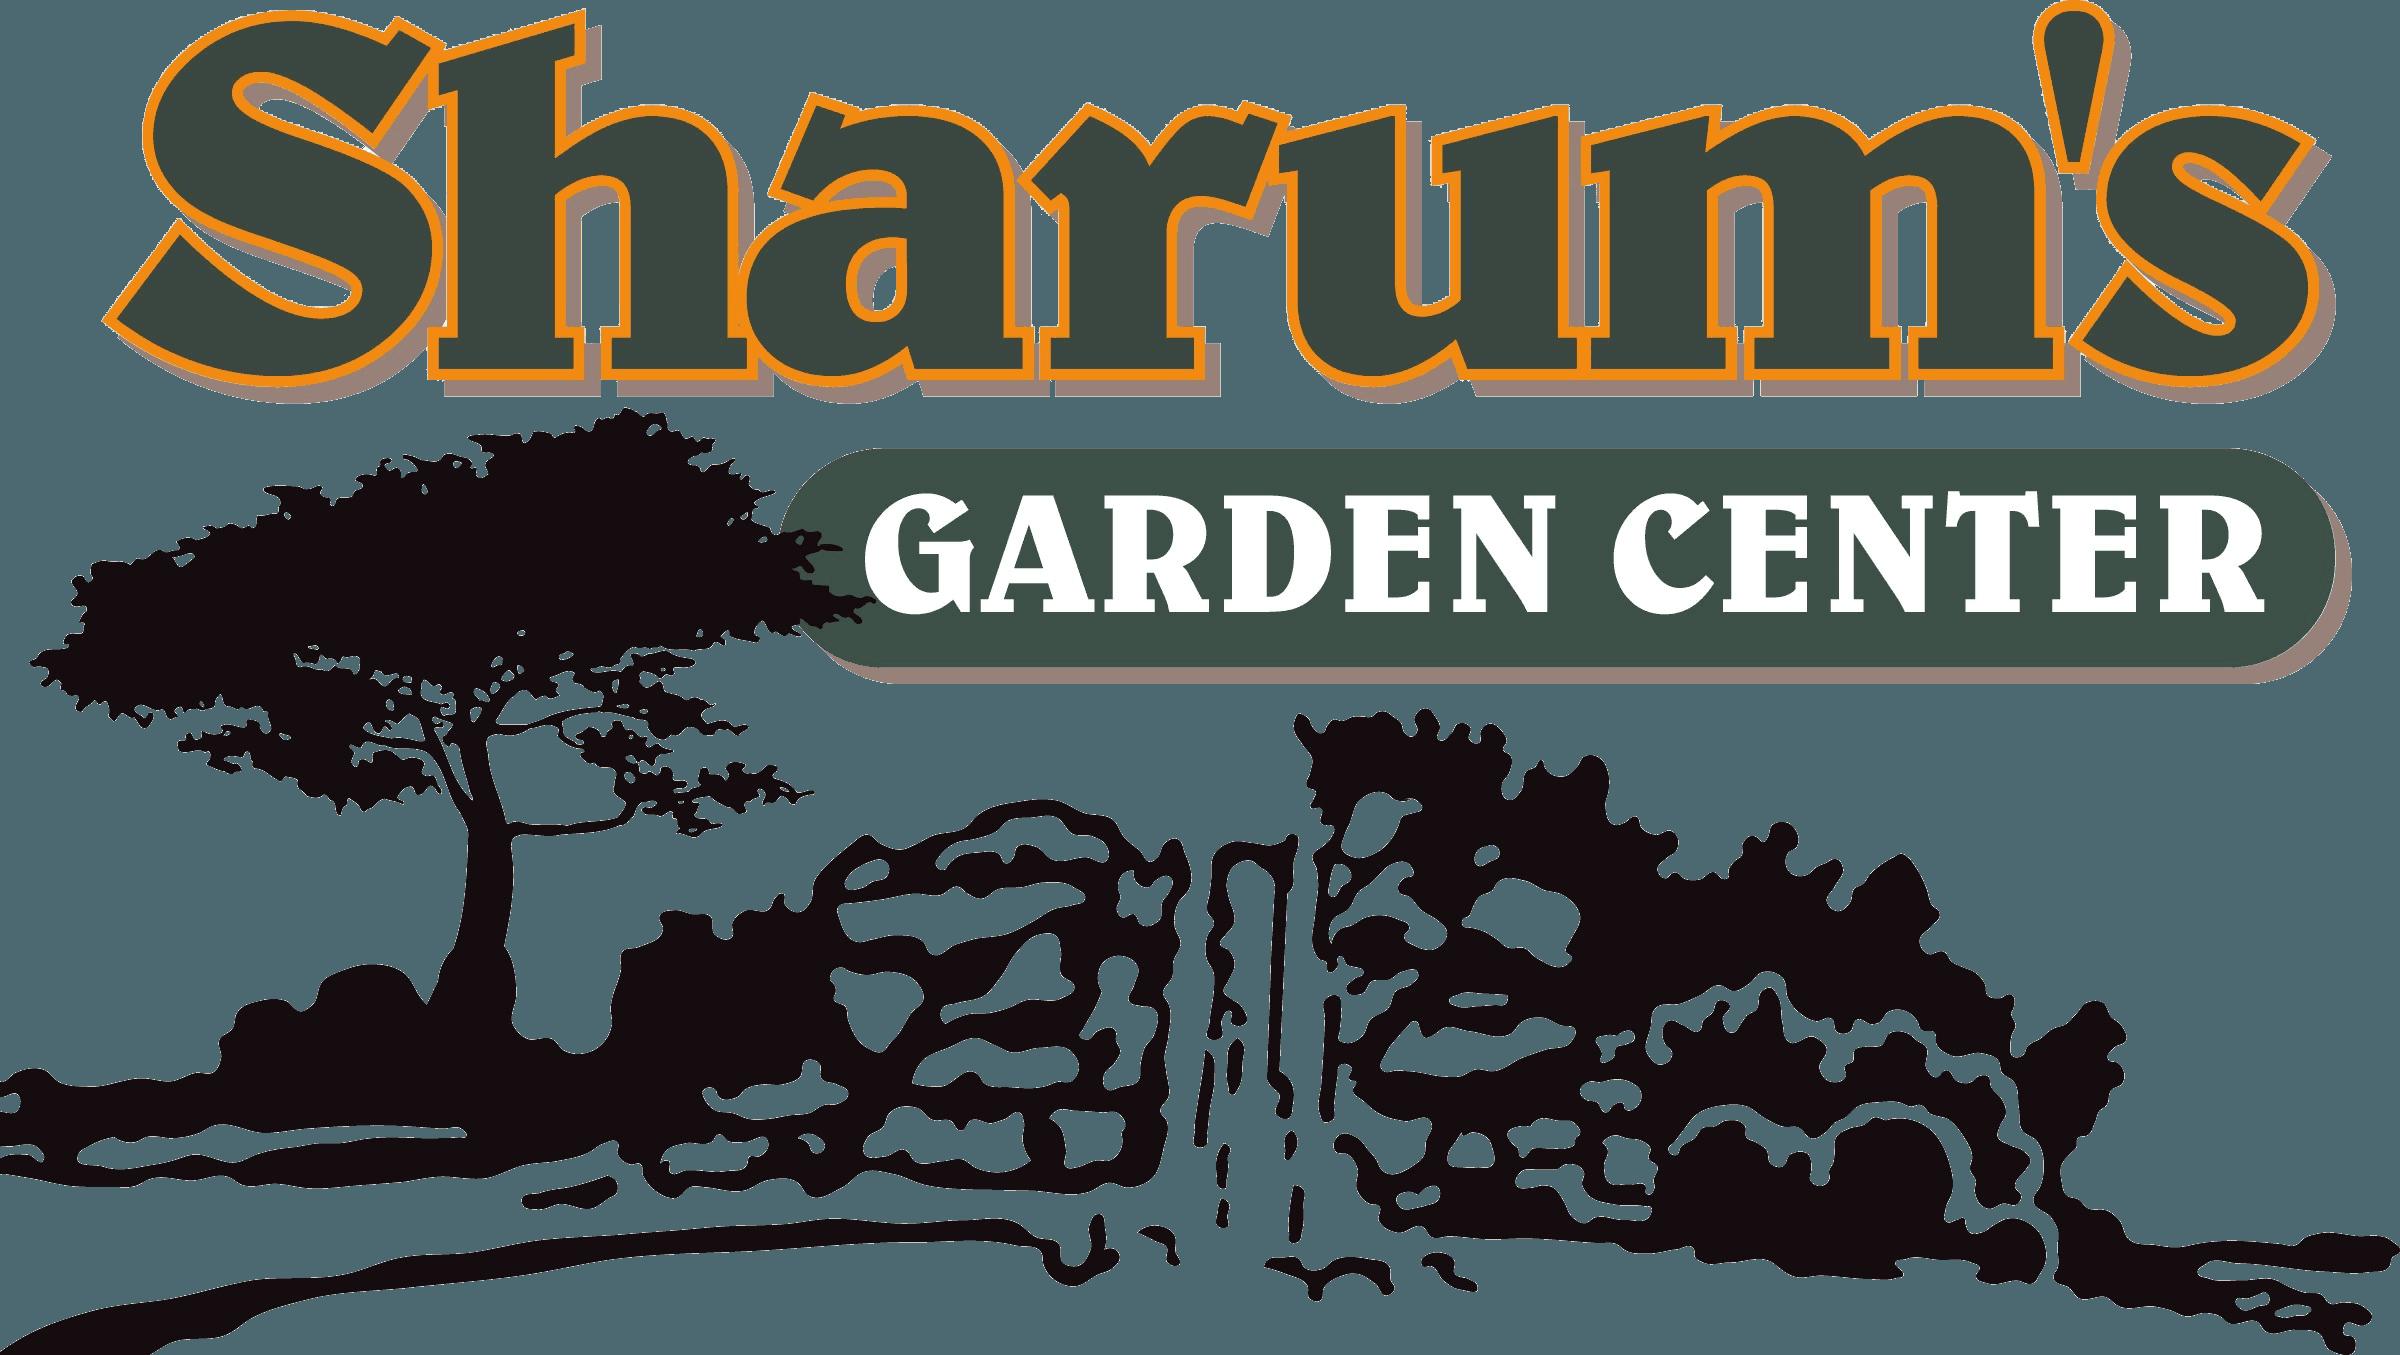 Sharums Landscape & Design | Garden Center | Ft. Smith & Springdale, on garden club logos, garden logos design, garden park logos, garden nursery logos,